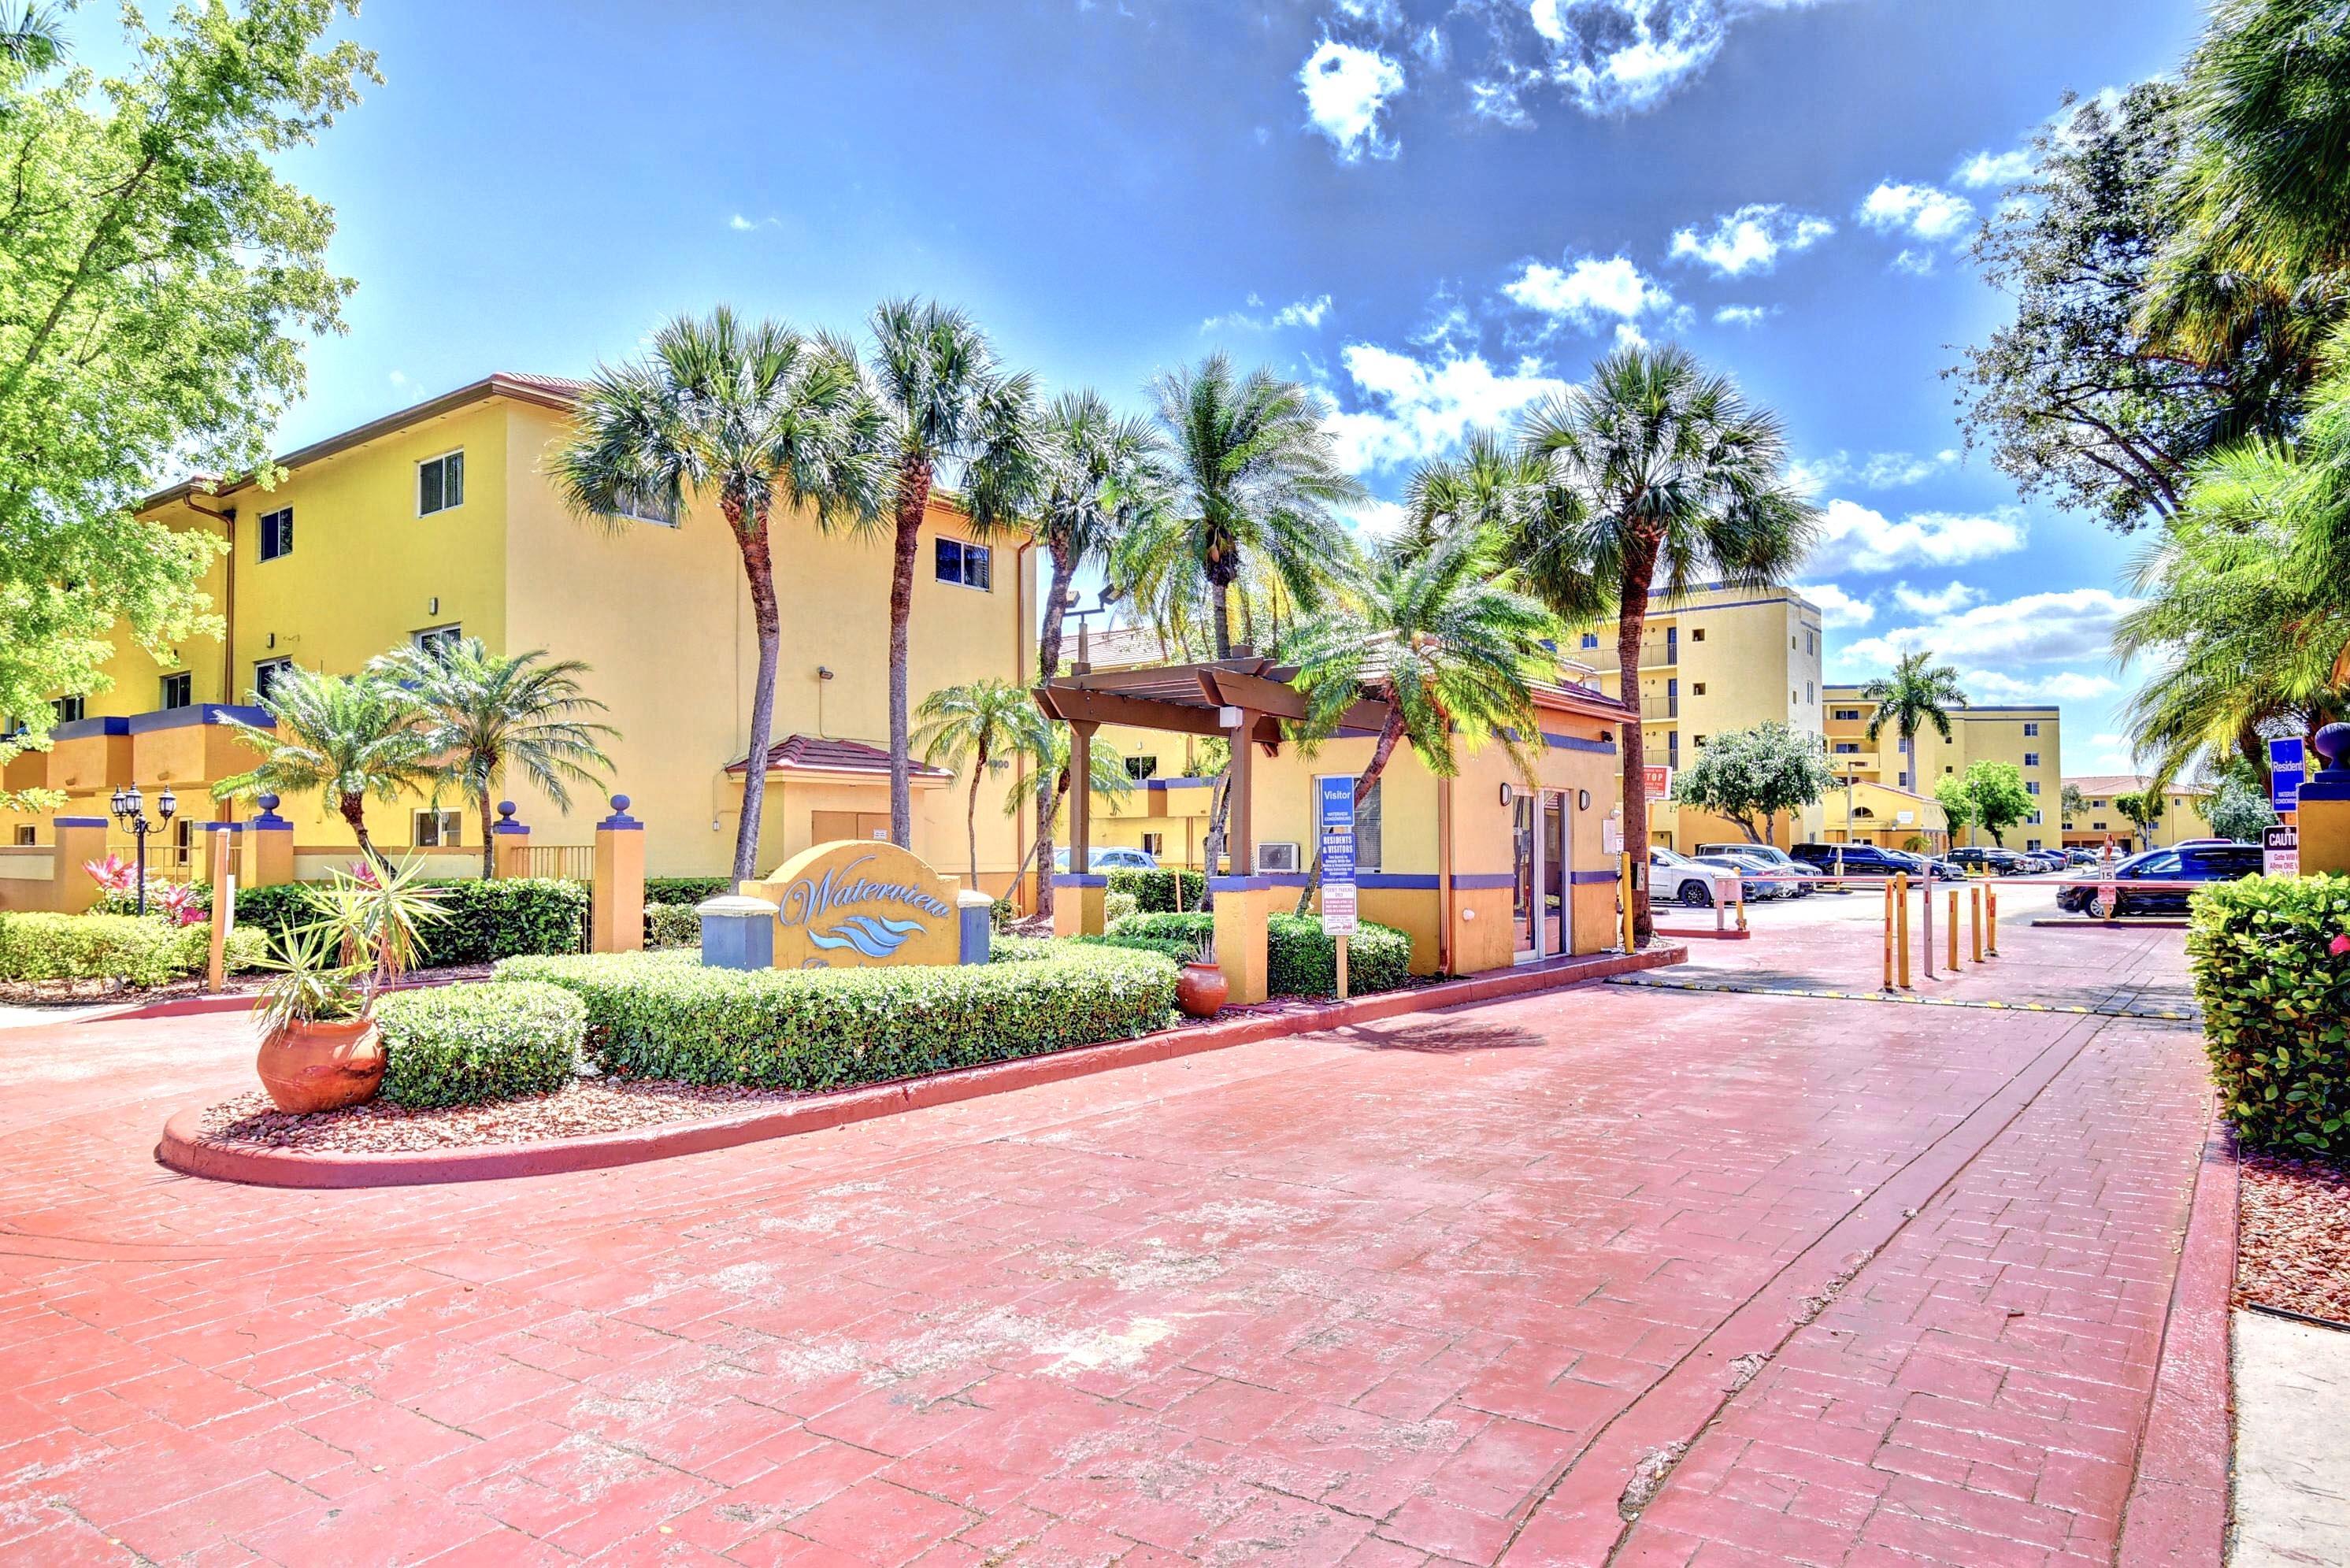 8260 SW 149th Court 9-103 Miami, FL 33193 Miami FL 33193